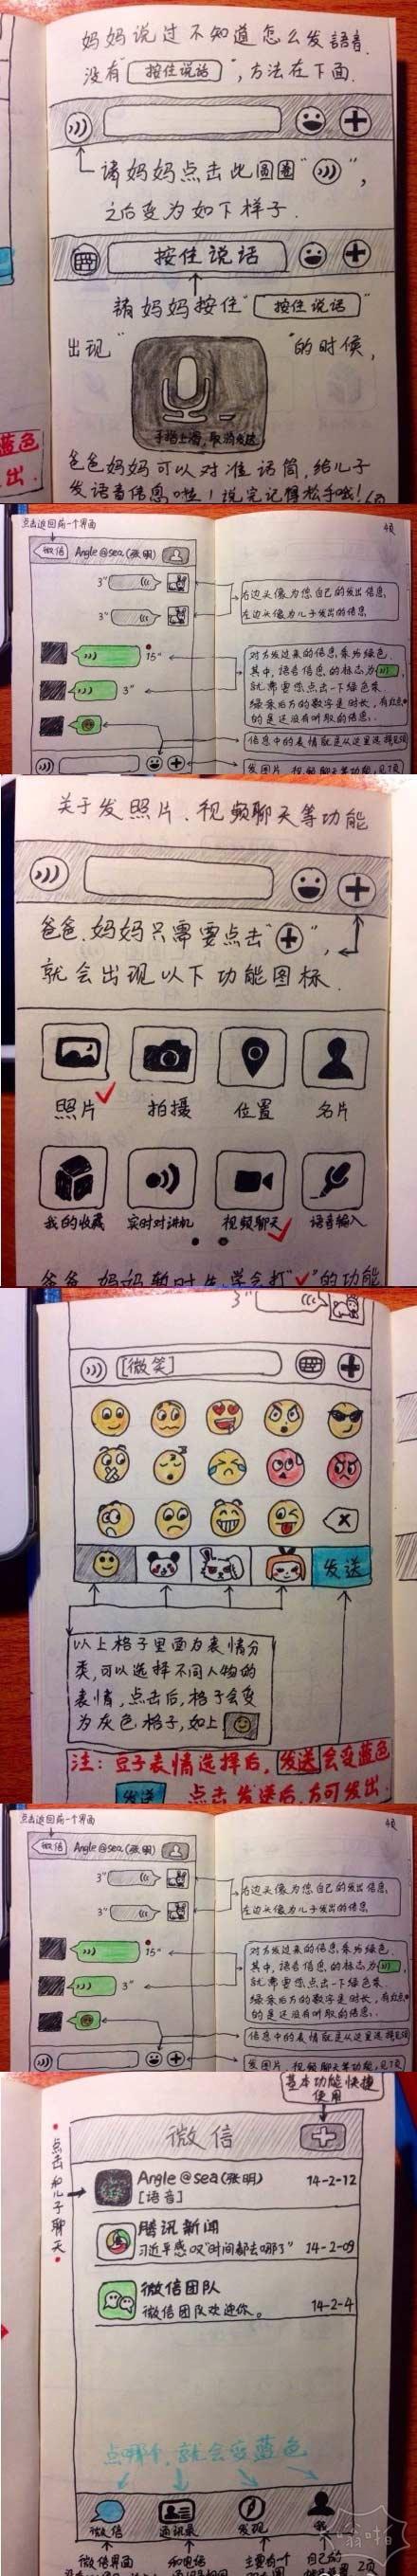 重庆邮大学生自制微信使用说明手绘本